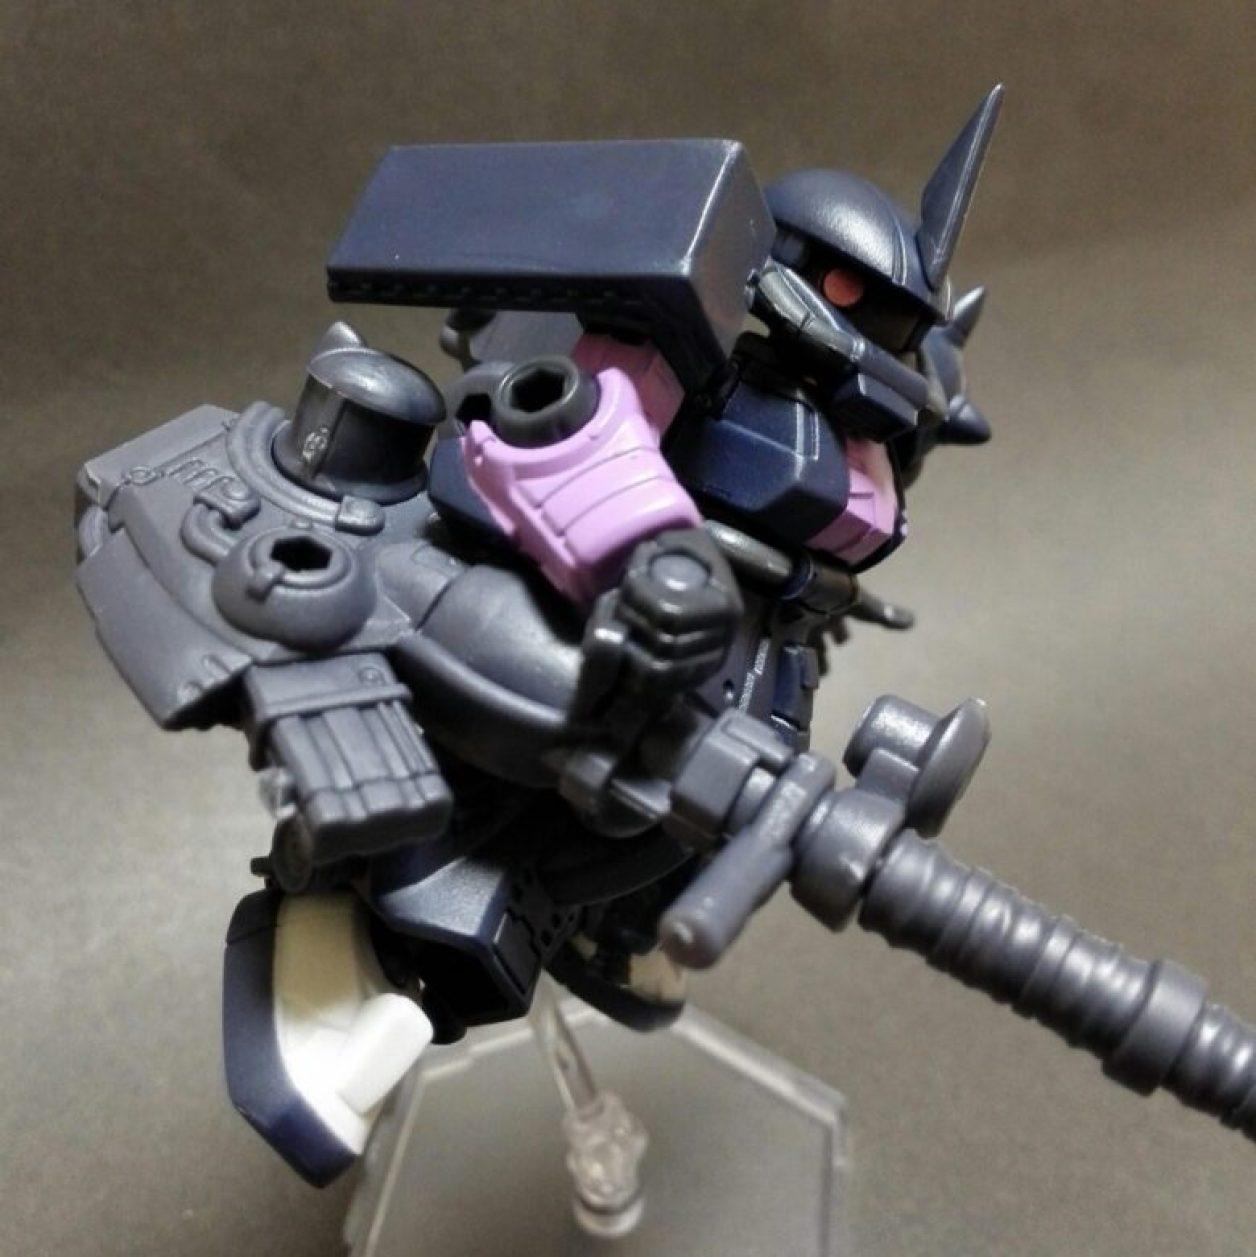 MOBILE SUIT ENSEMBLE(モビルスーツアンサンブル)12弾の高機動型ザクii(黒い三連星仕様)に180mmキャノン砲を装備させた画像